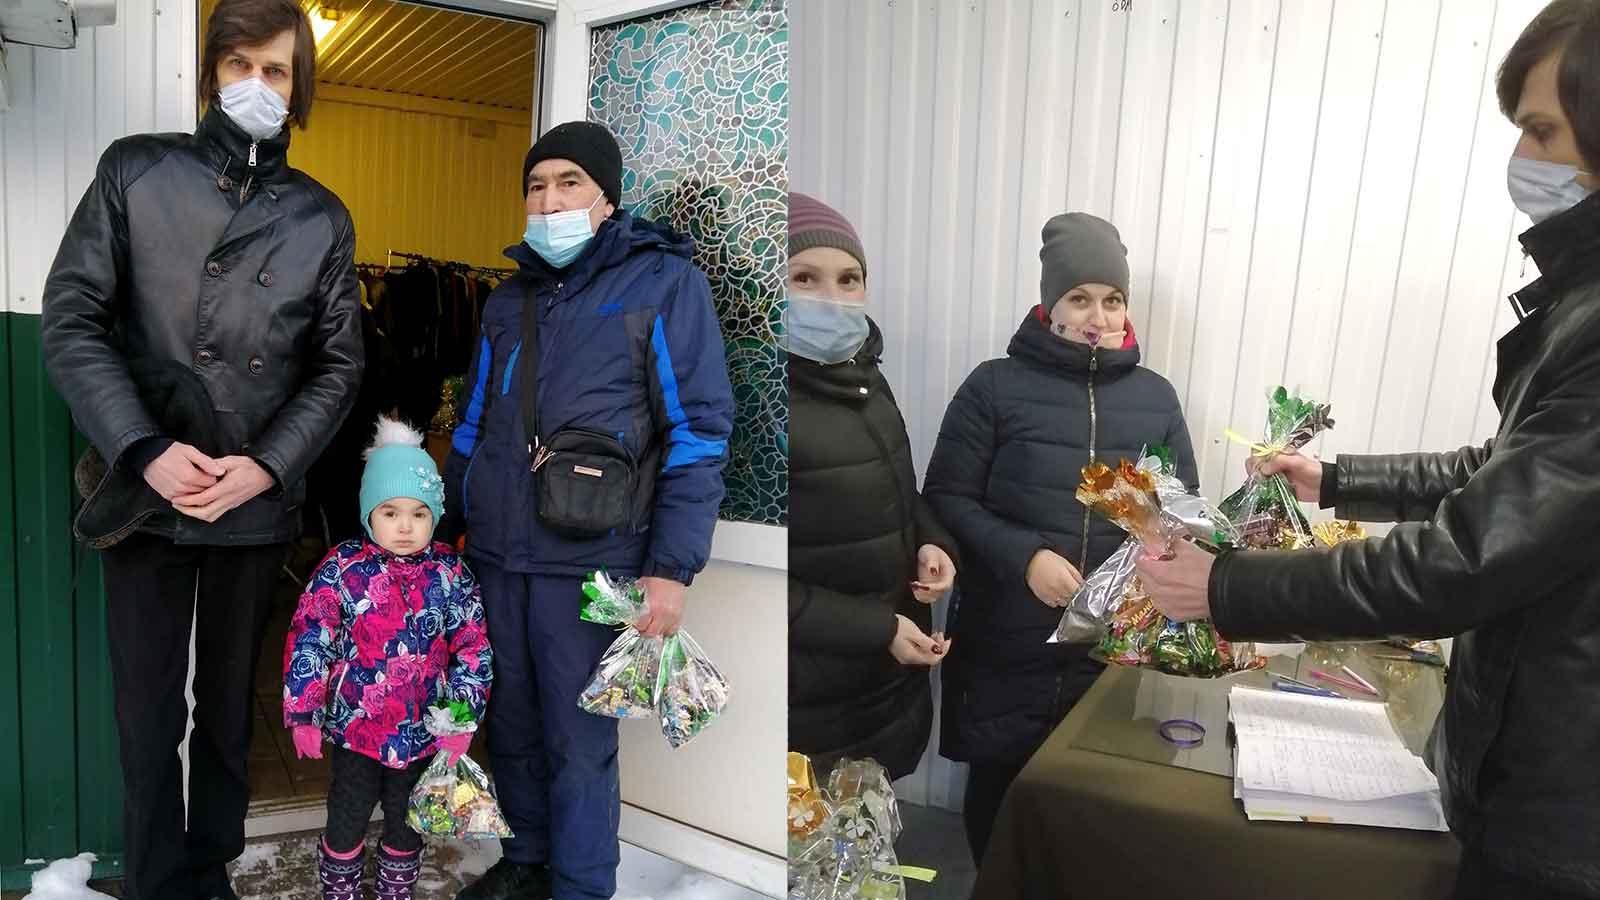 Ярославская область: СР вручила детям сладкие рождественские подарки